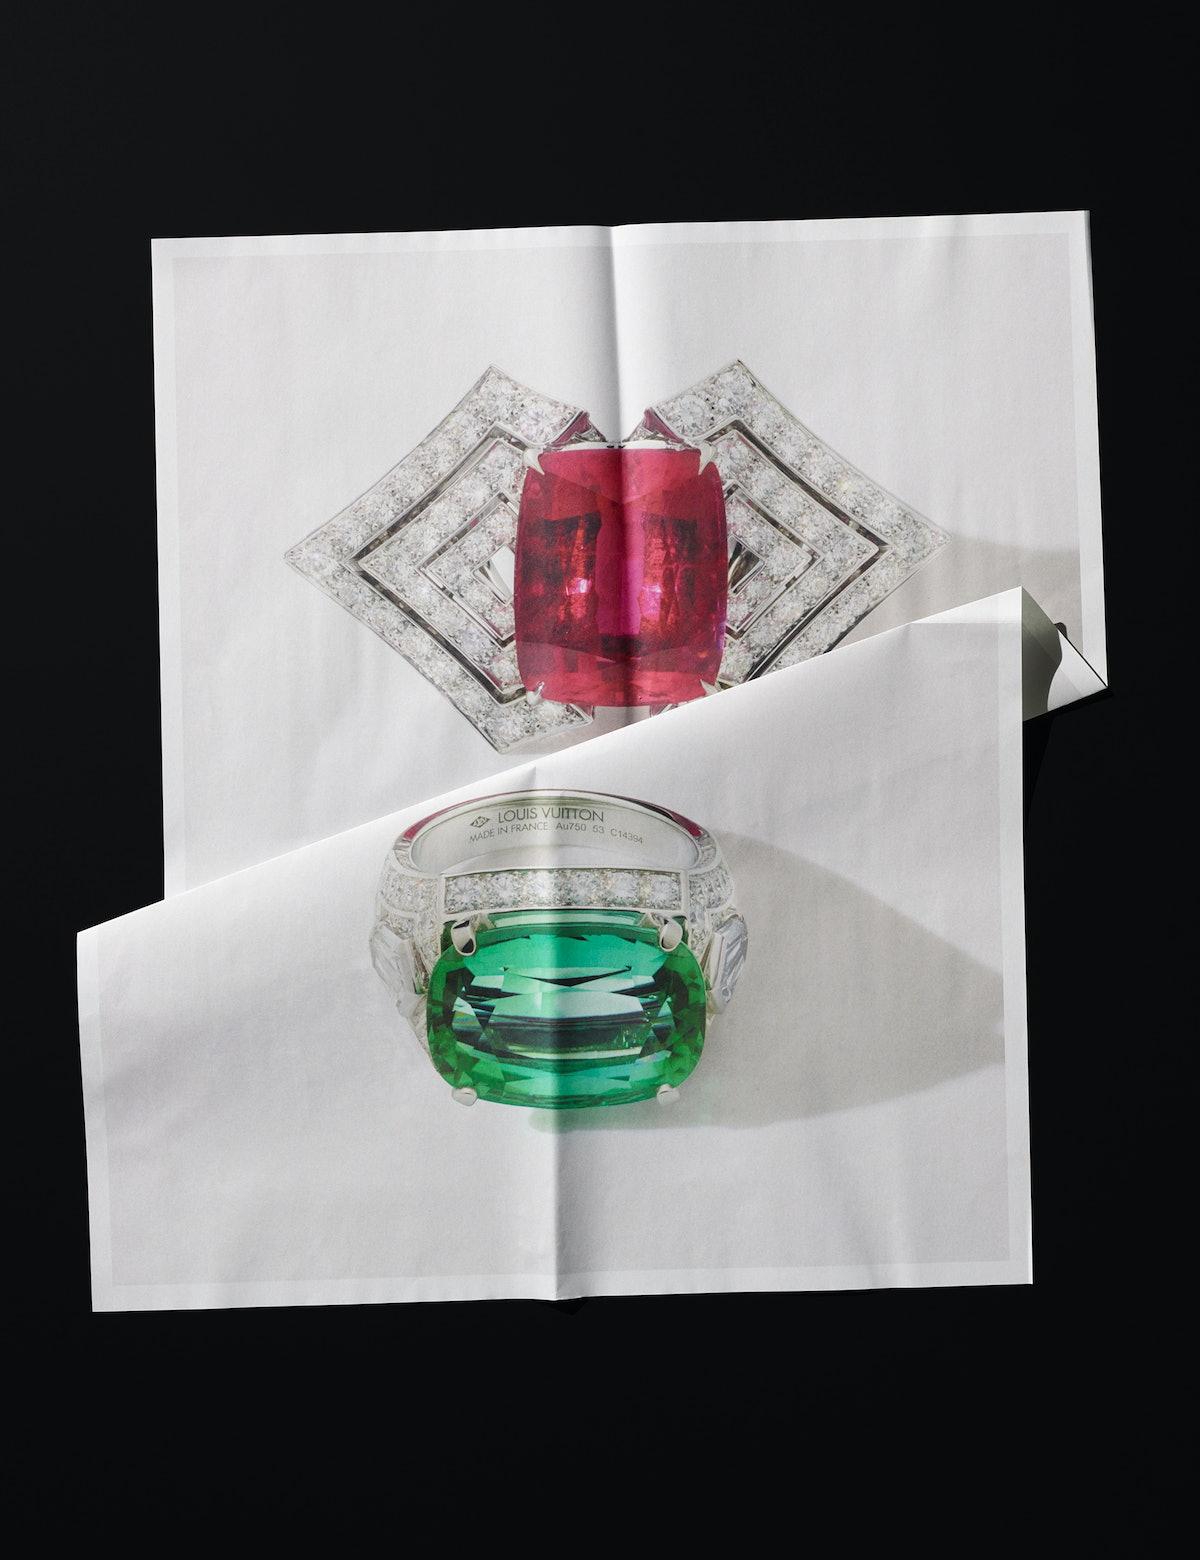 Louis Vuitton rings.